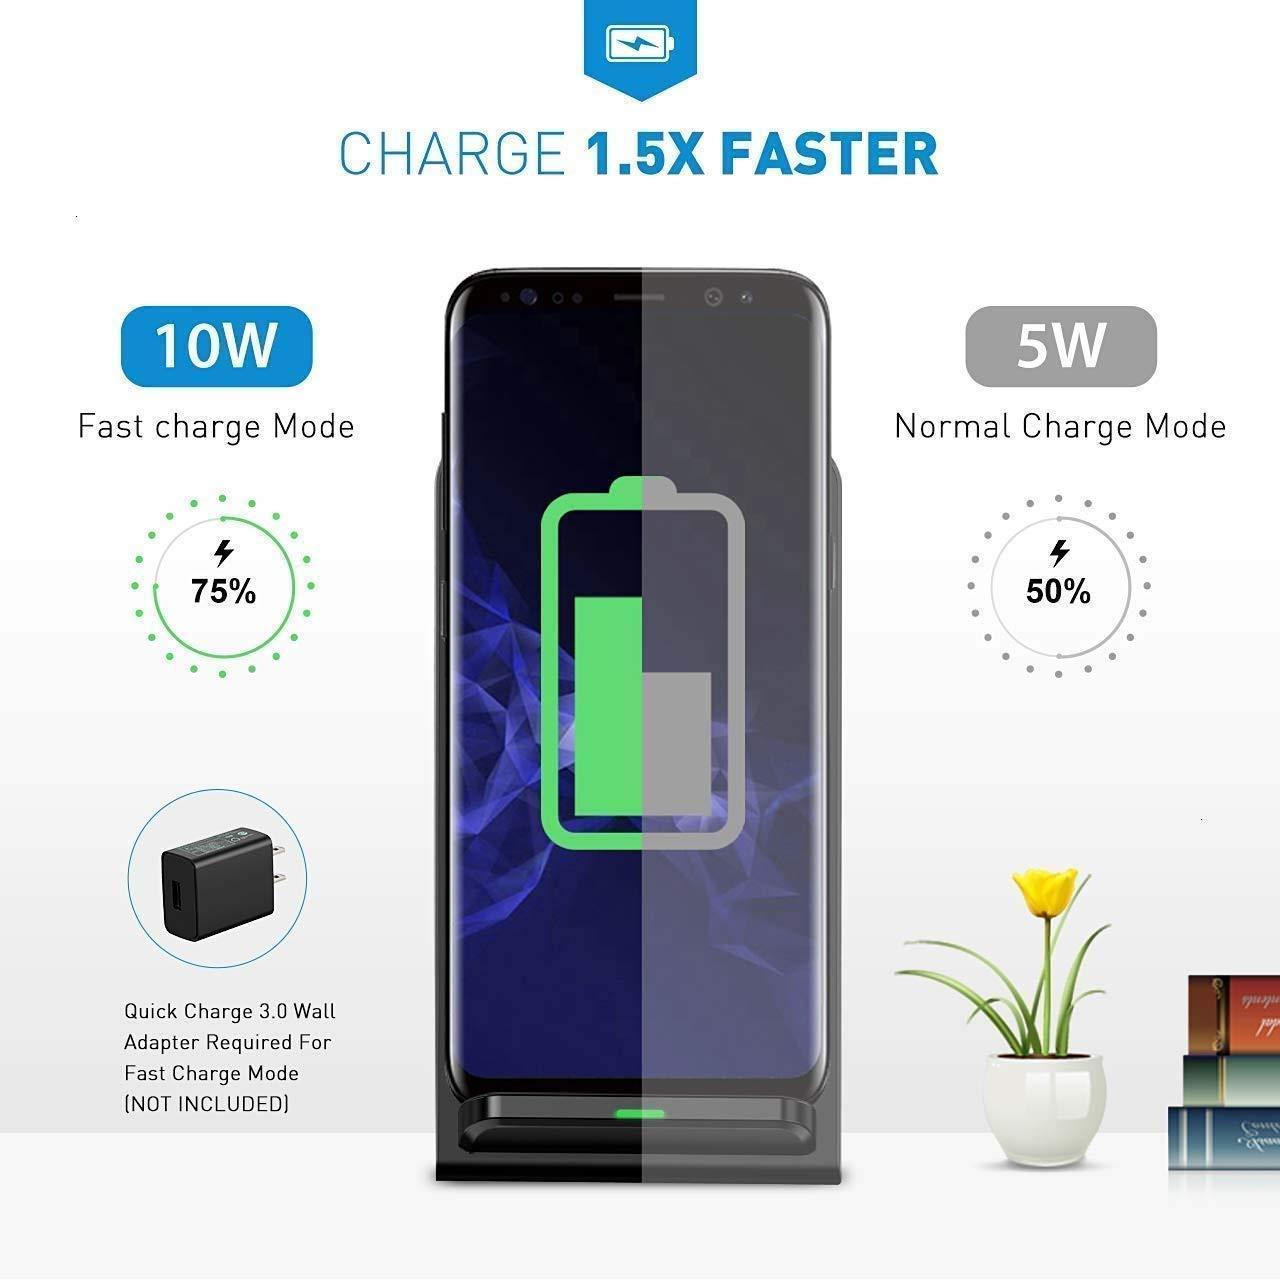 I-Sonite Noir Qi certifi/é de Bureau Ultra-Rapide Chargeur sans Fil Station de Recharge 10W Support et Ultra-Mince Qi Module r/écepteur Chip pour Samsung Galaxy A5 2017